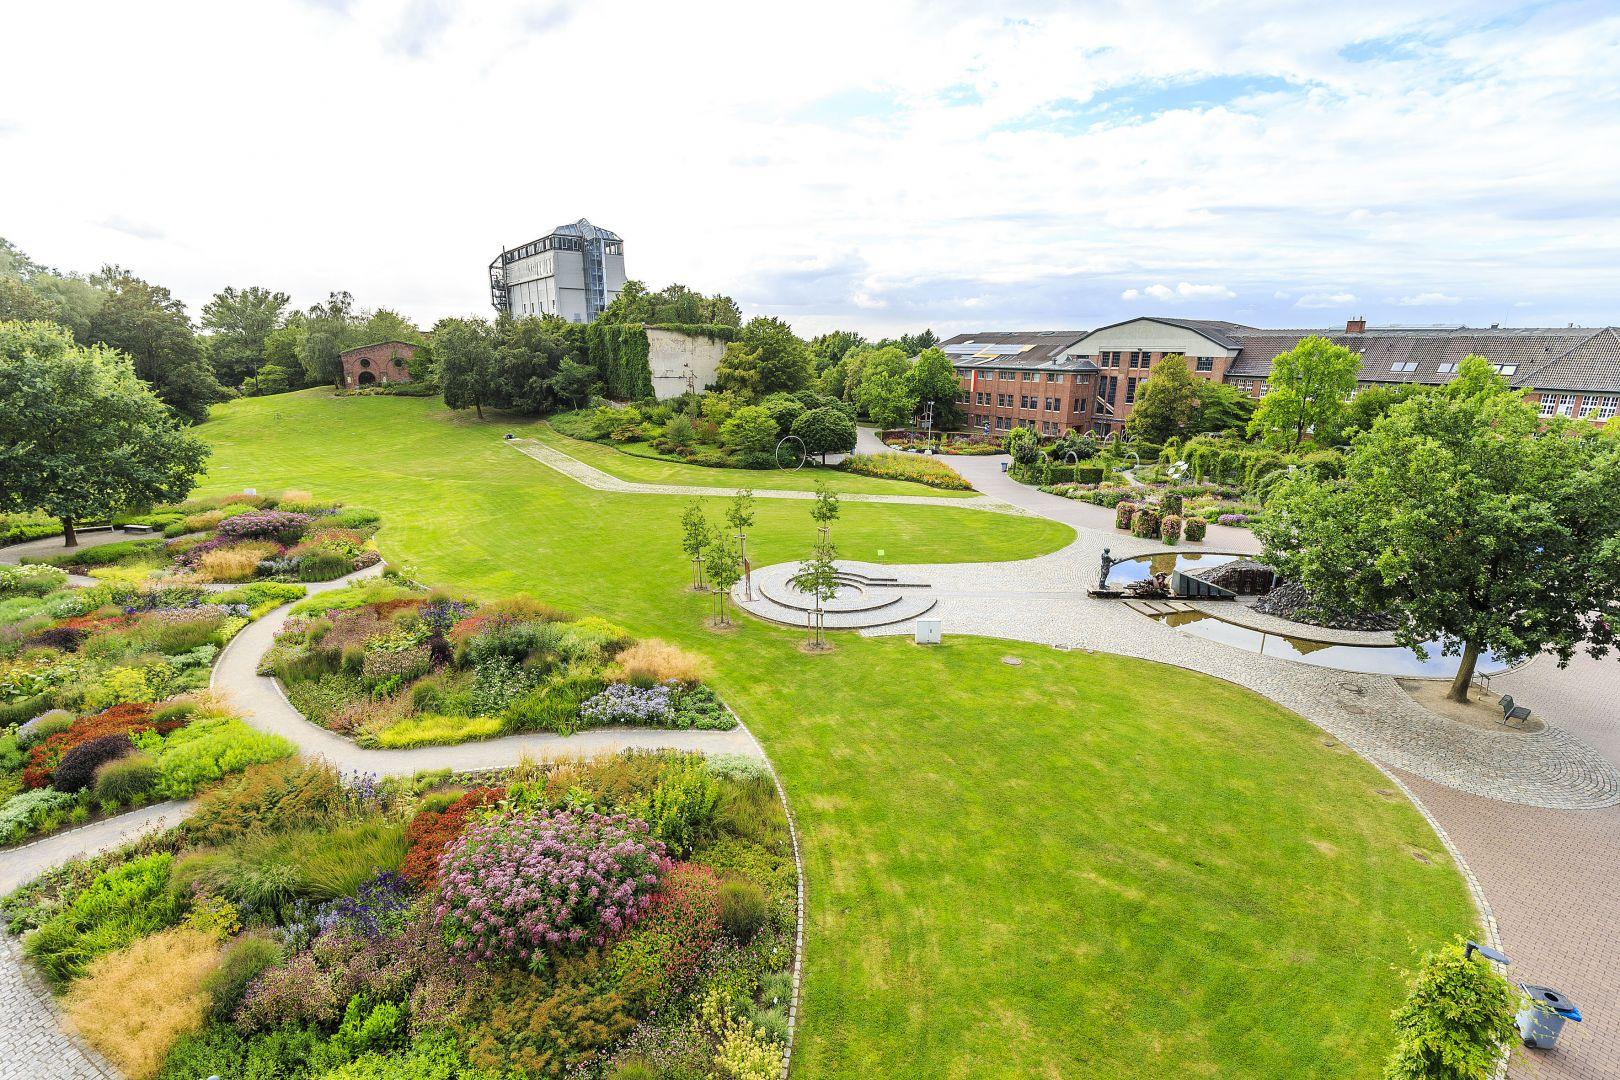 Blick auf Grünanlagen des Maximilianpark Hamm